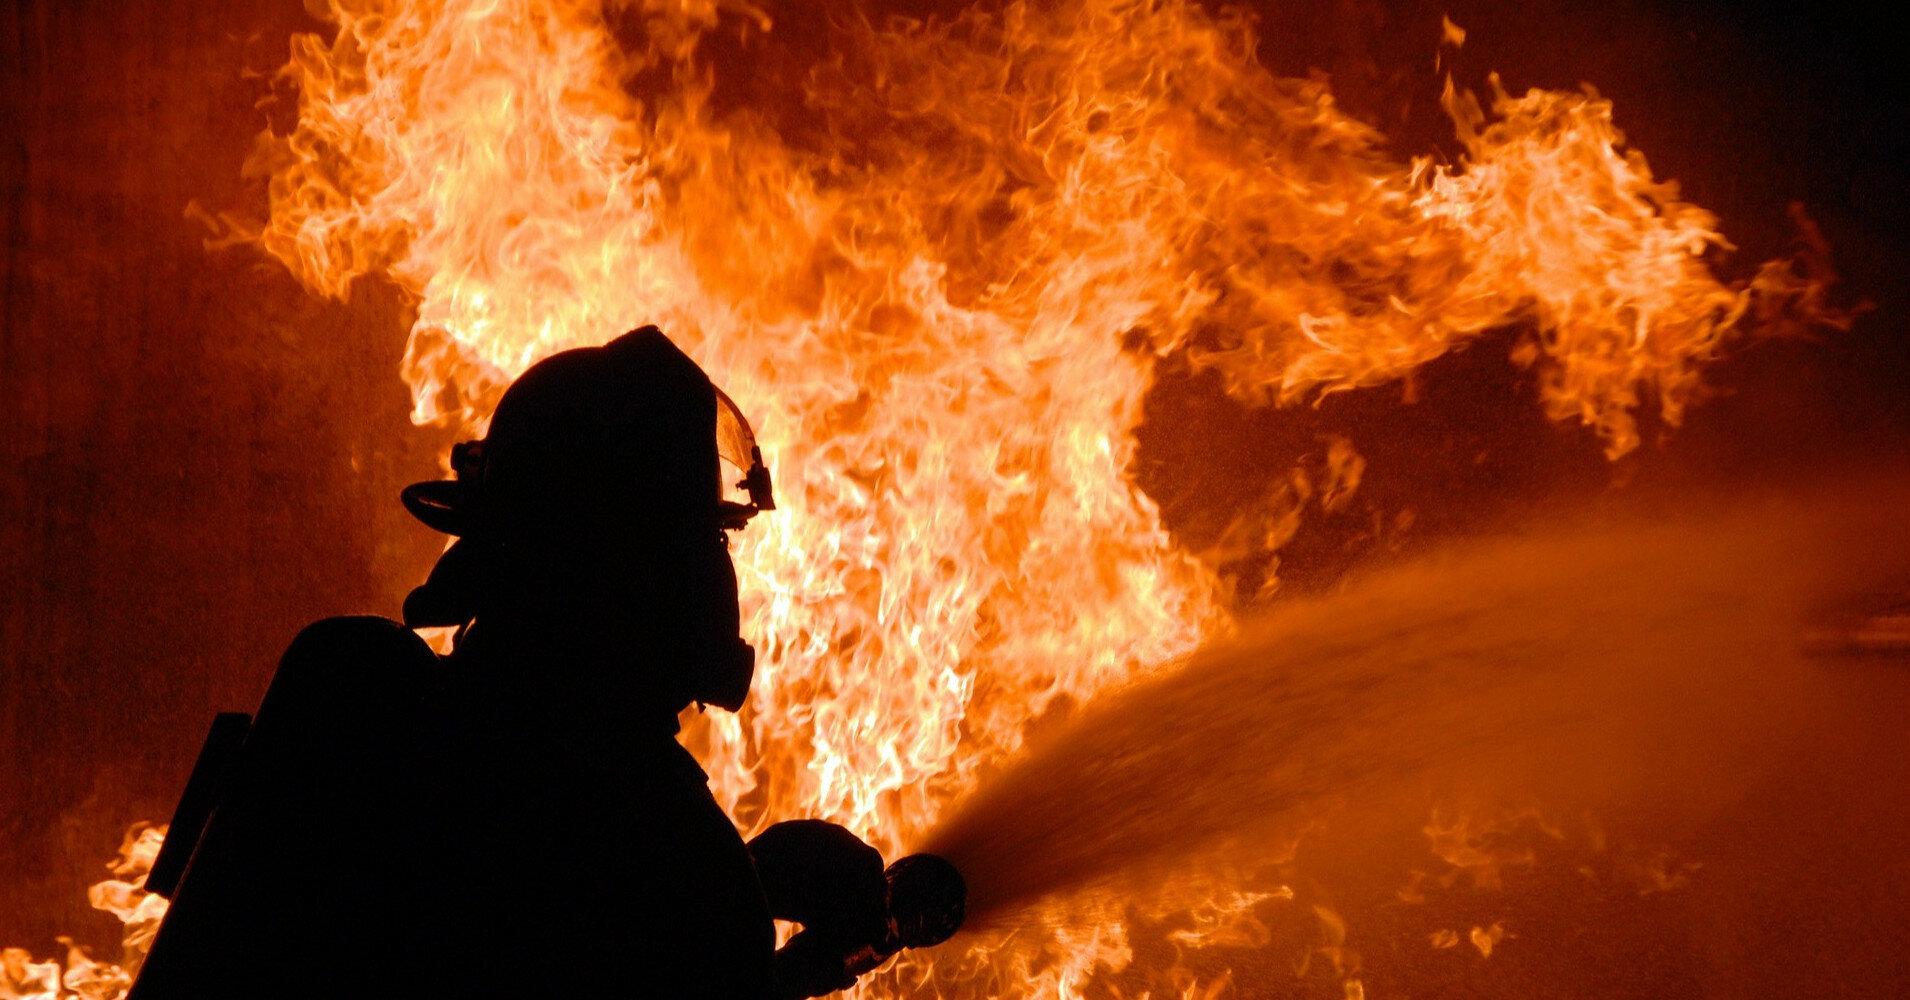 В Италии водитель спас 25 детей из горящего автобуса